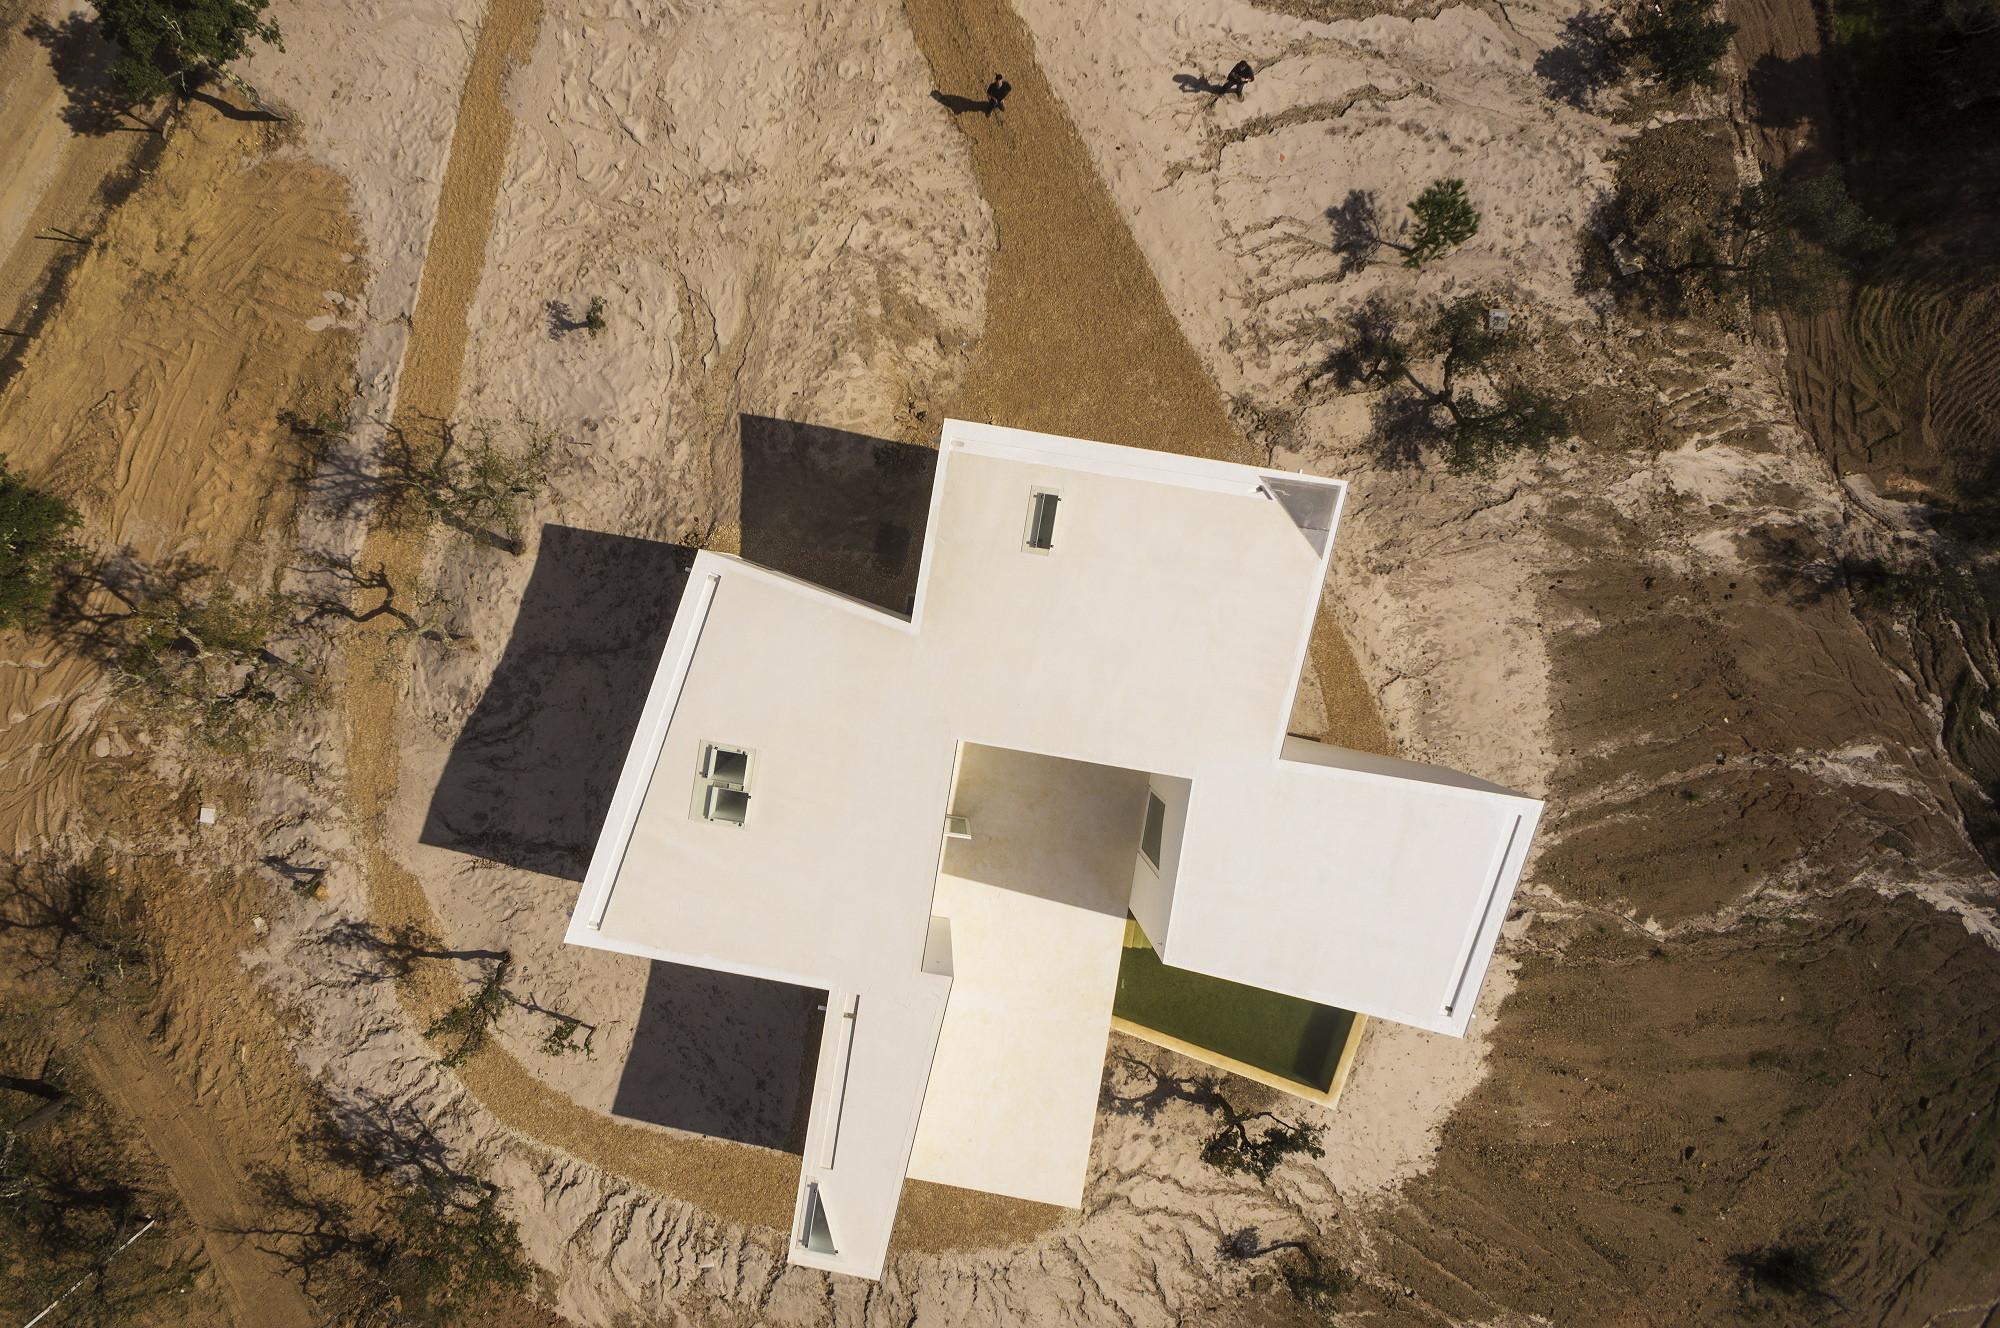 Patio Floor Plans Casa Em Fontinha Manuel Aires Mateus Sia Arquitectura